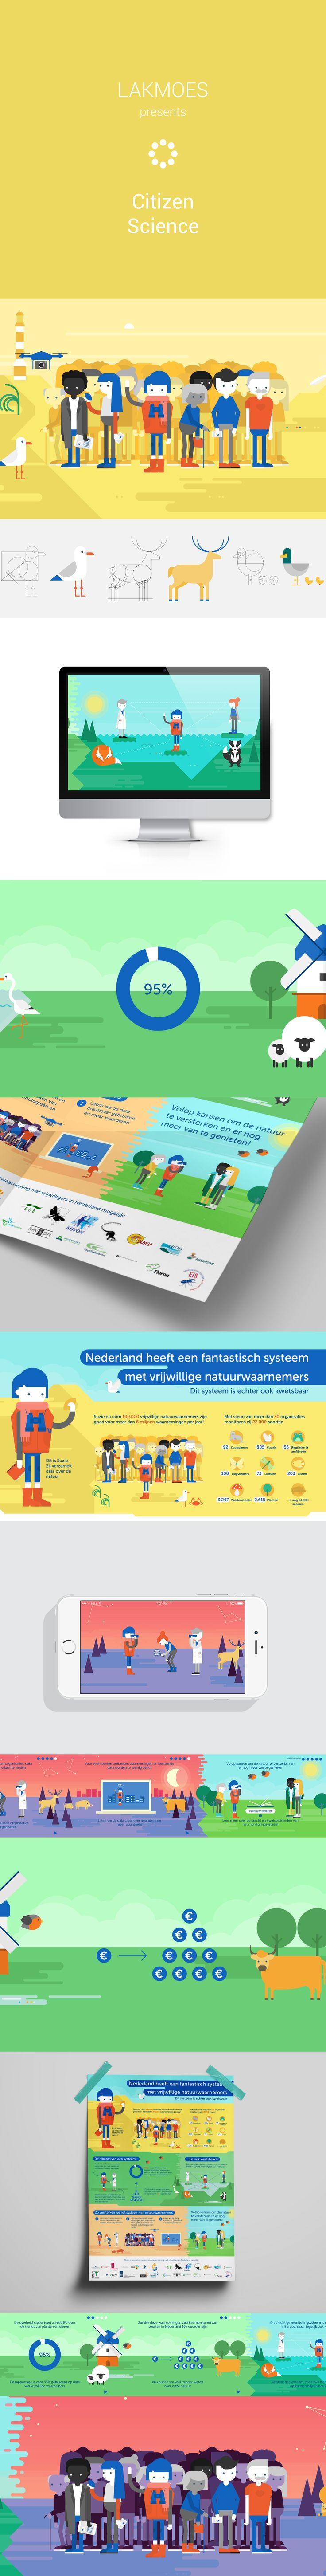 Natuuronderzoek is onmogelijk (en onbetaalbaar) zonder de inzet van 100.000 Nederlandse vrijwillige natuurwaarnemers. Onderzoek van Wageningen UR toonde aan dat het belangrijk is om deze citizen scientists te koesteren en de data te gebruiken om de natuur te versterken. #infographic #interactive #nature